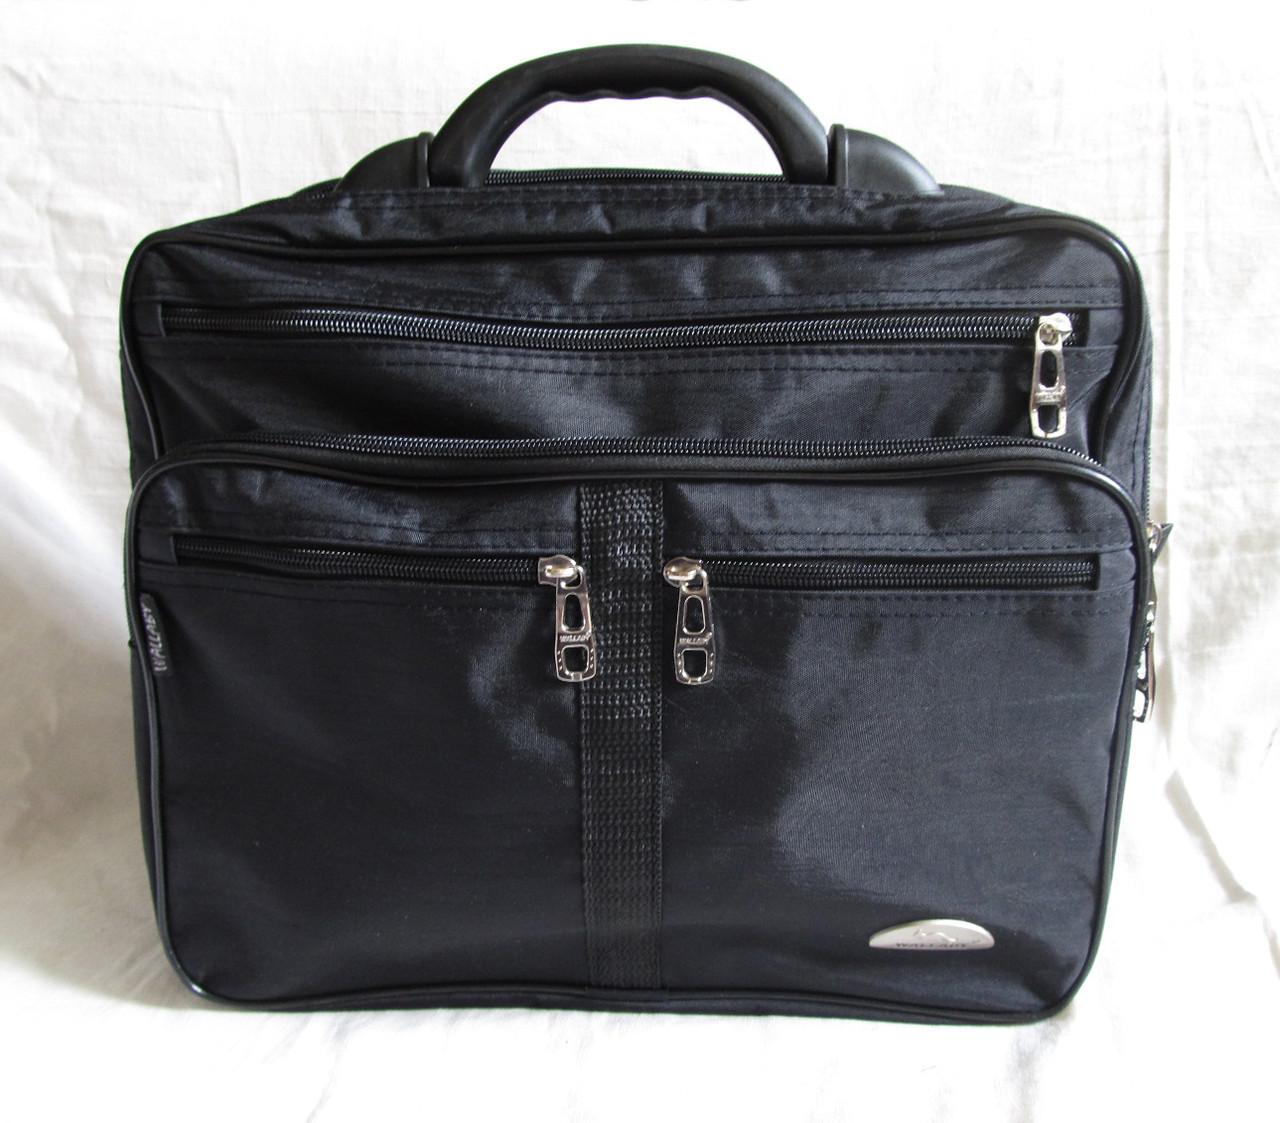 51b2cbf433da Мужская сумка Wallaby 25275 черная полукаркасная с расширением через плечо  папка портфель А4 35х29х20+3см ...